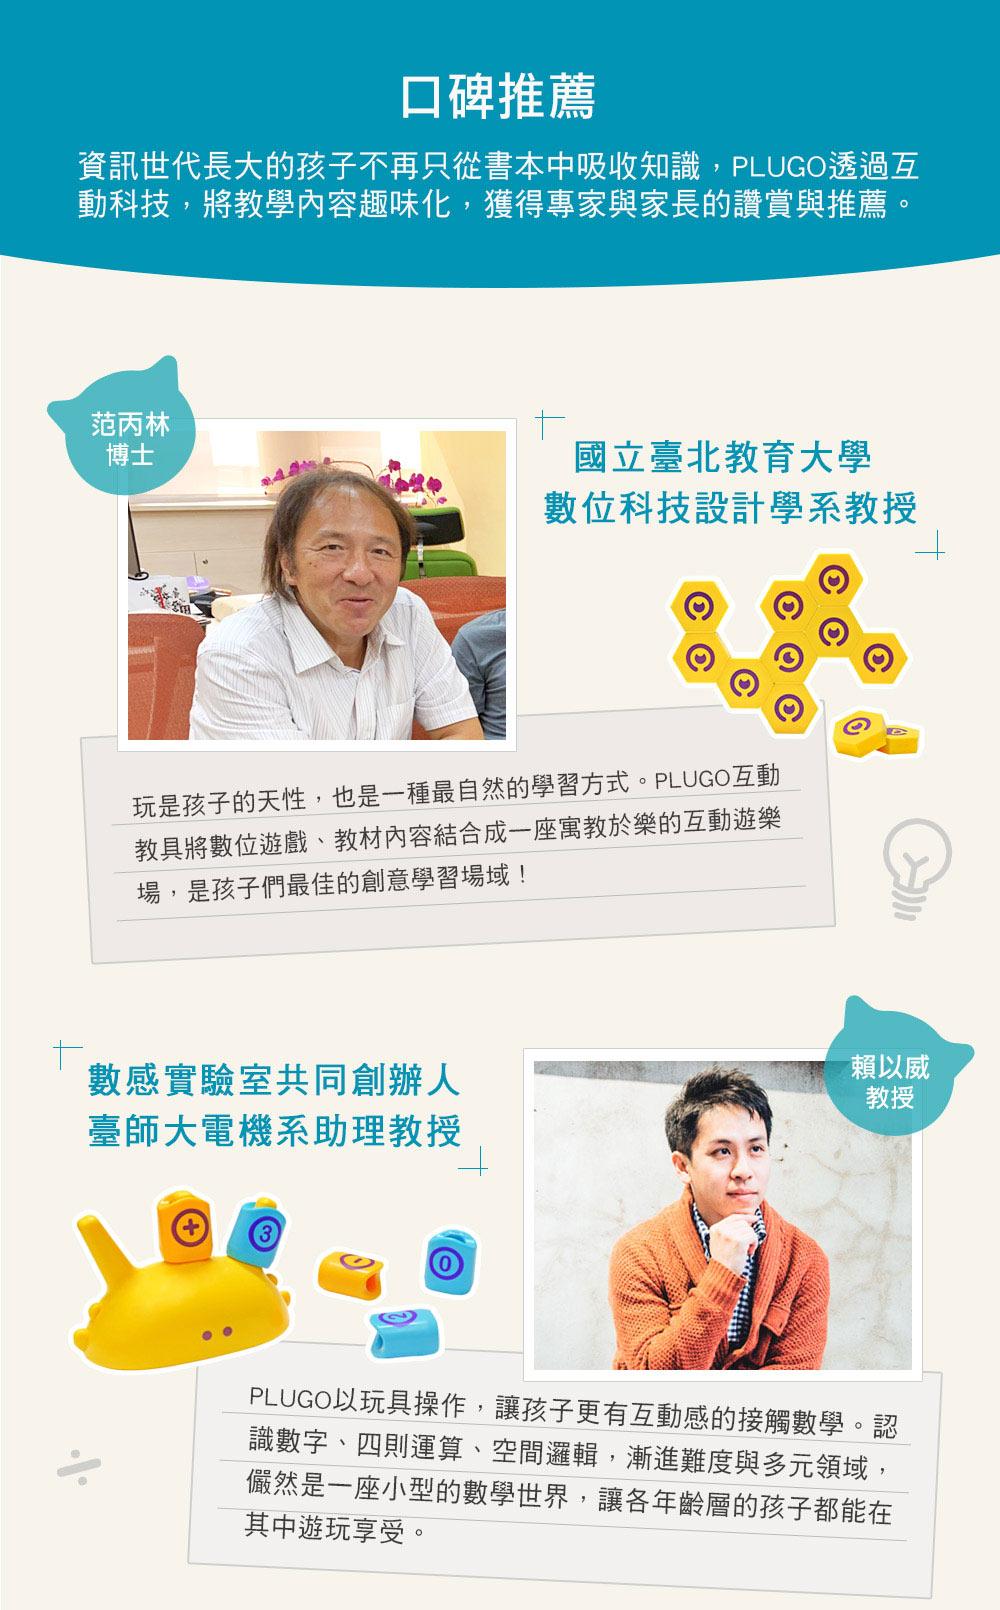 Plugo 互動式益智教具組 教育專家及部落客推薦